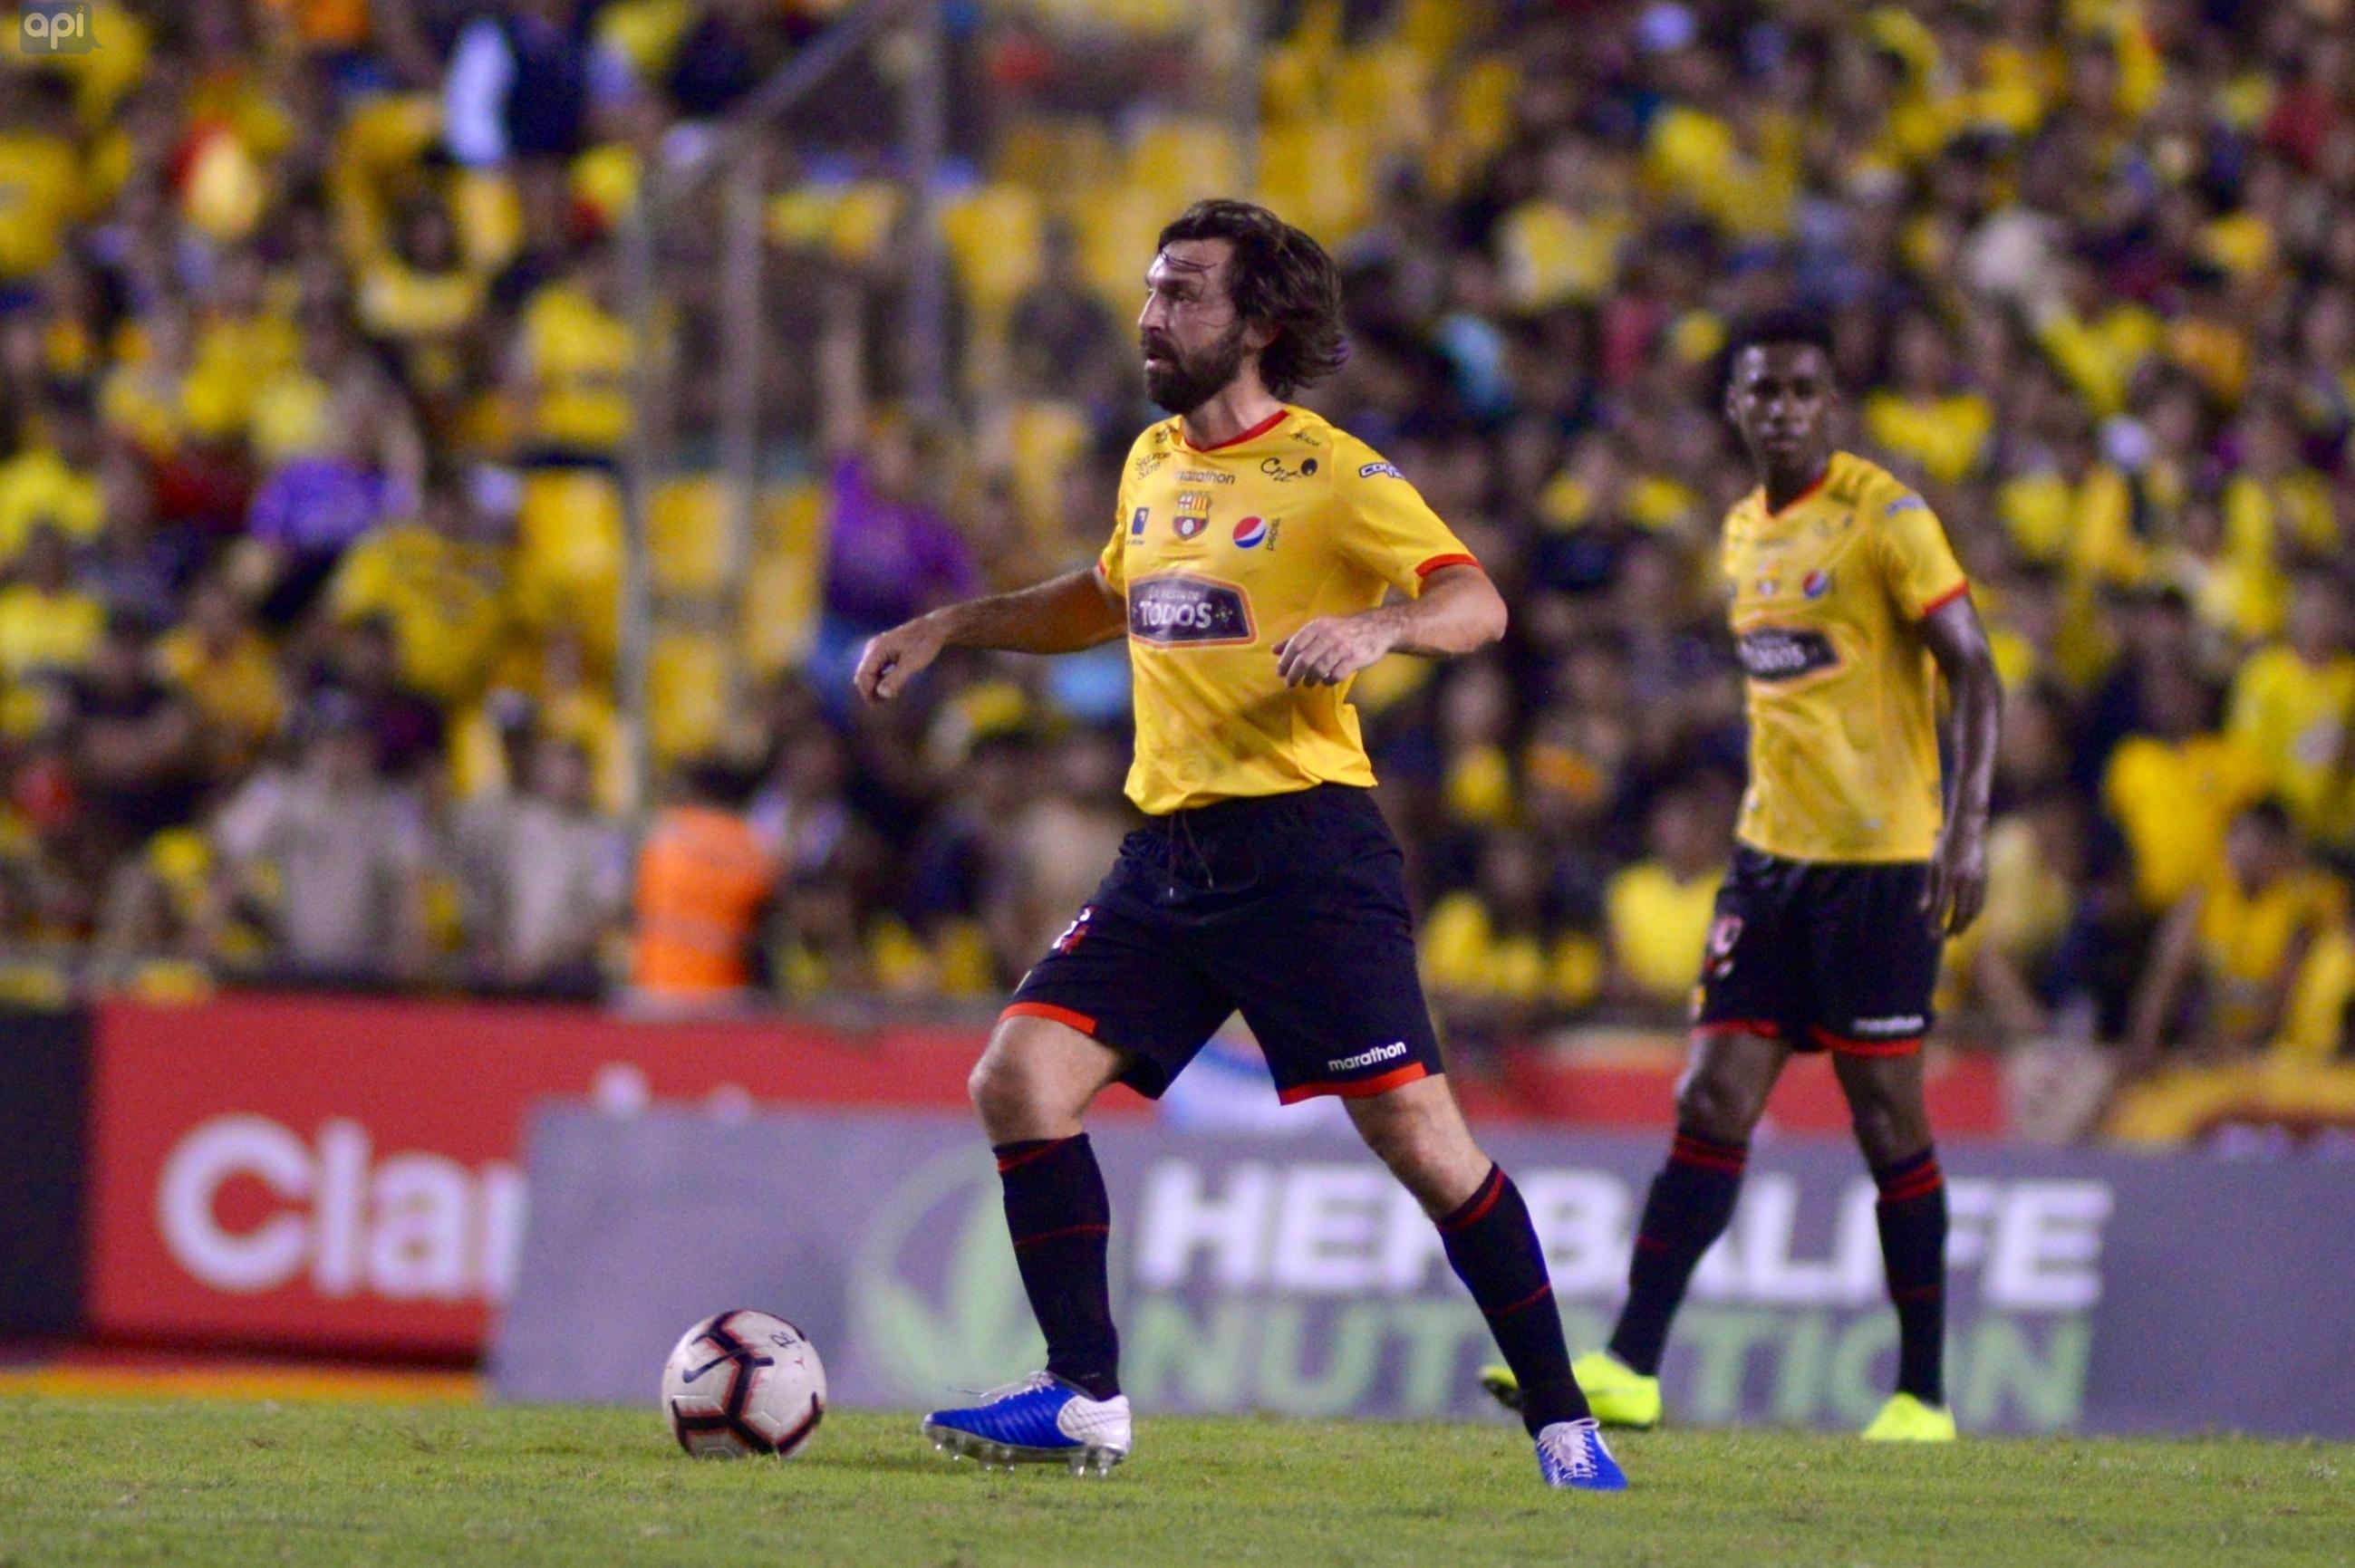 Con Andrea Pirlo en cancha, Barcelona remontó y venció a Alianza Lima en su presentación